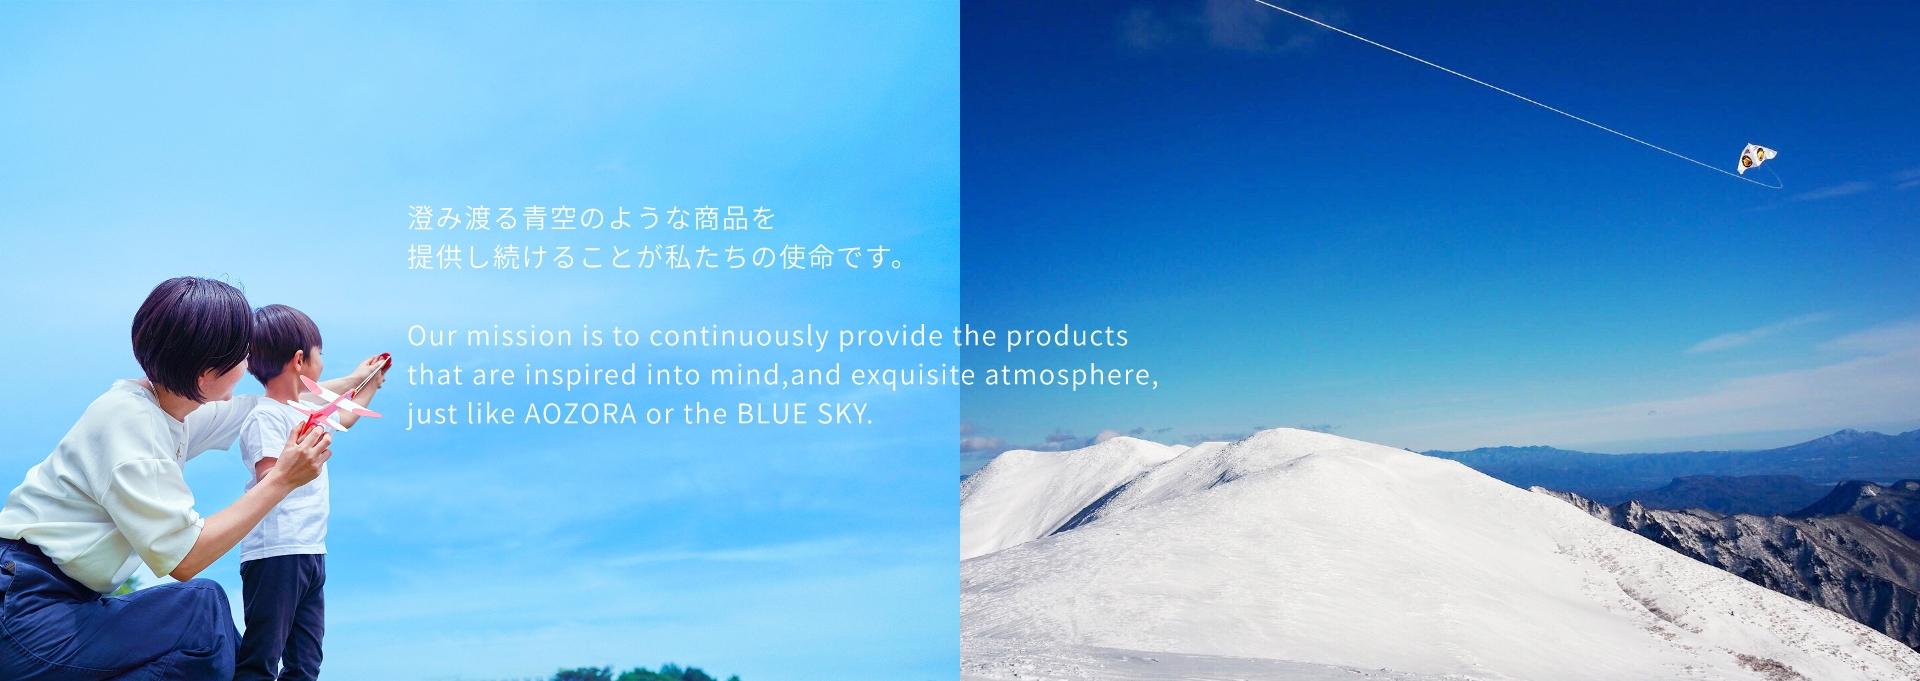 澄み渡る青空のような商品を提供し続けることが私たちの使命です。